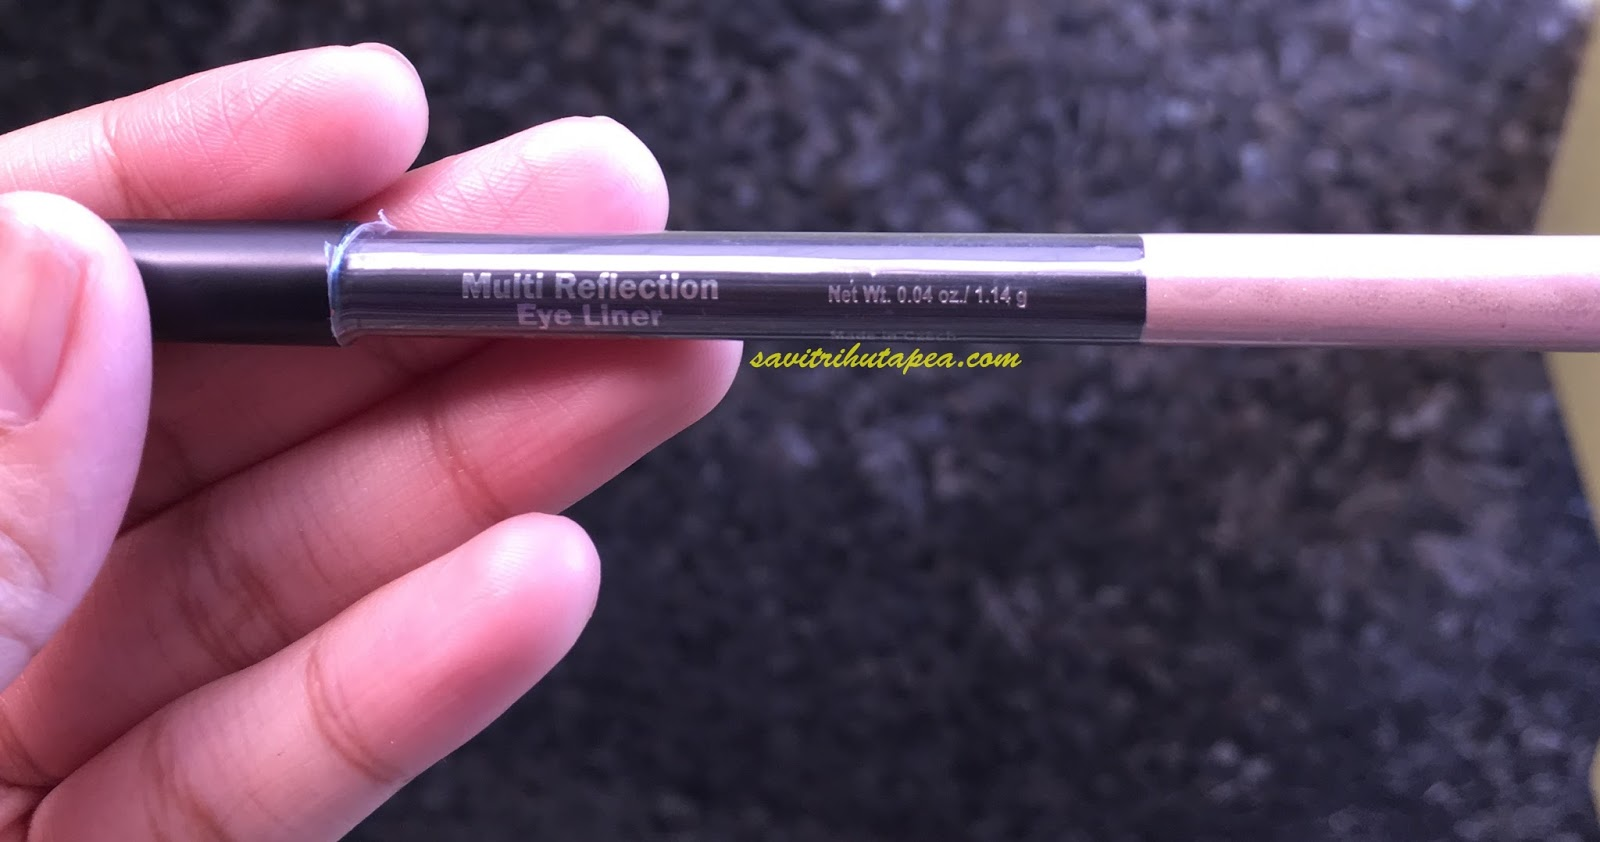 Review Lt Pro Multi Reflection Eye Liner In Sparkling Red Beauty Eyeliner Pencil Waterproof Disini Aku Melihat Pensil Ini Made Czech Seperti Contoh Lainnya